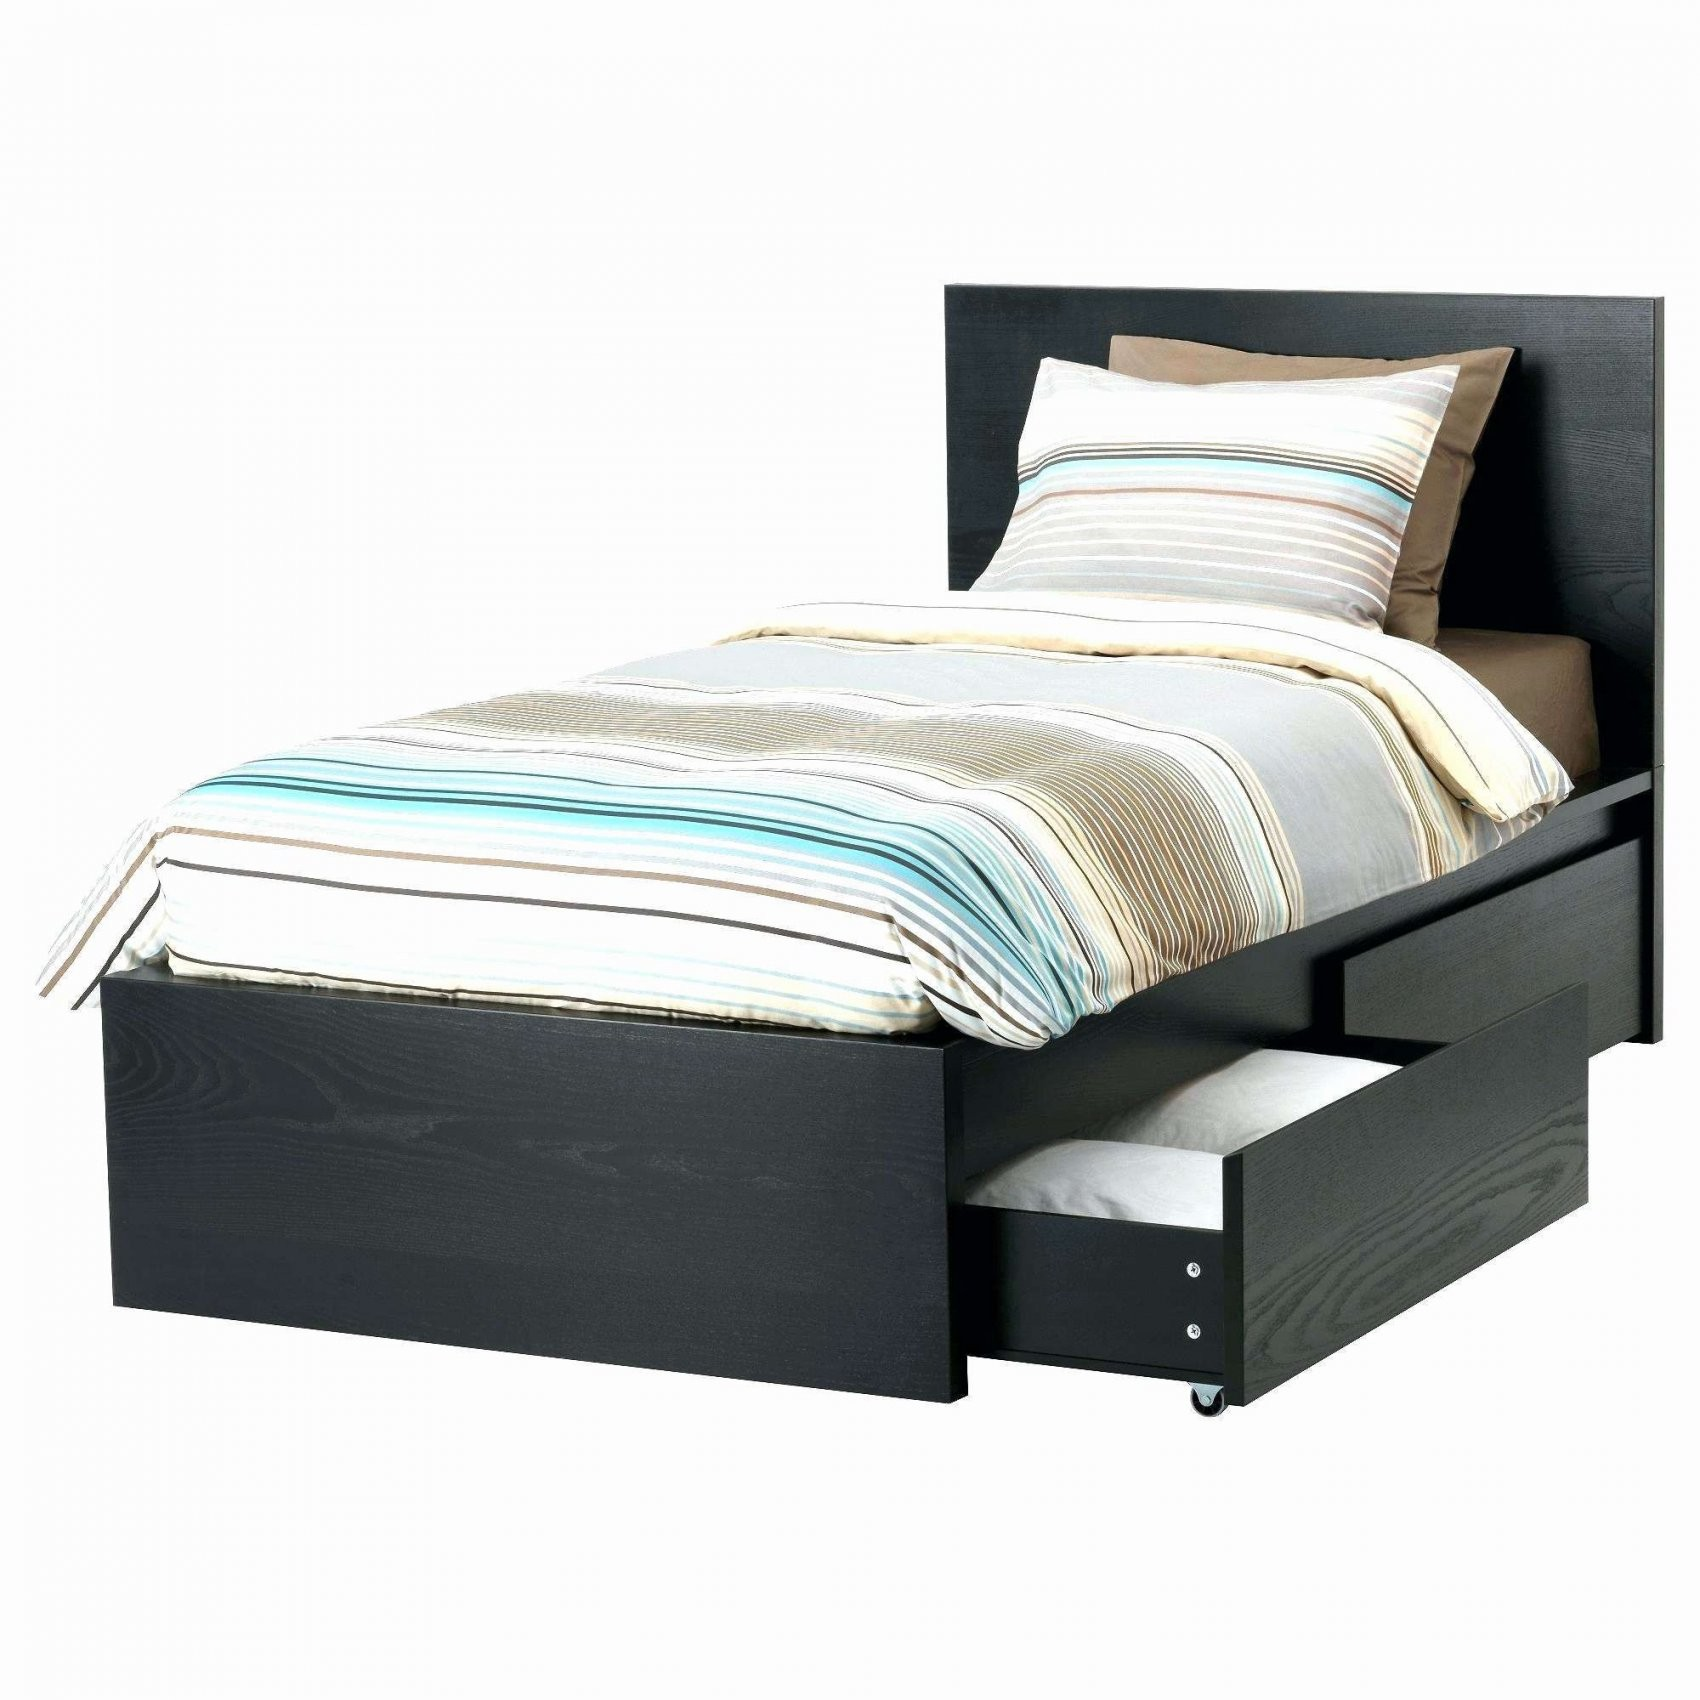 Futonbett 120×200 Frisch Bett 120×200 Mit Stauraum Frisch Sehr von Bett 120X200 Mit Stauraum Photo